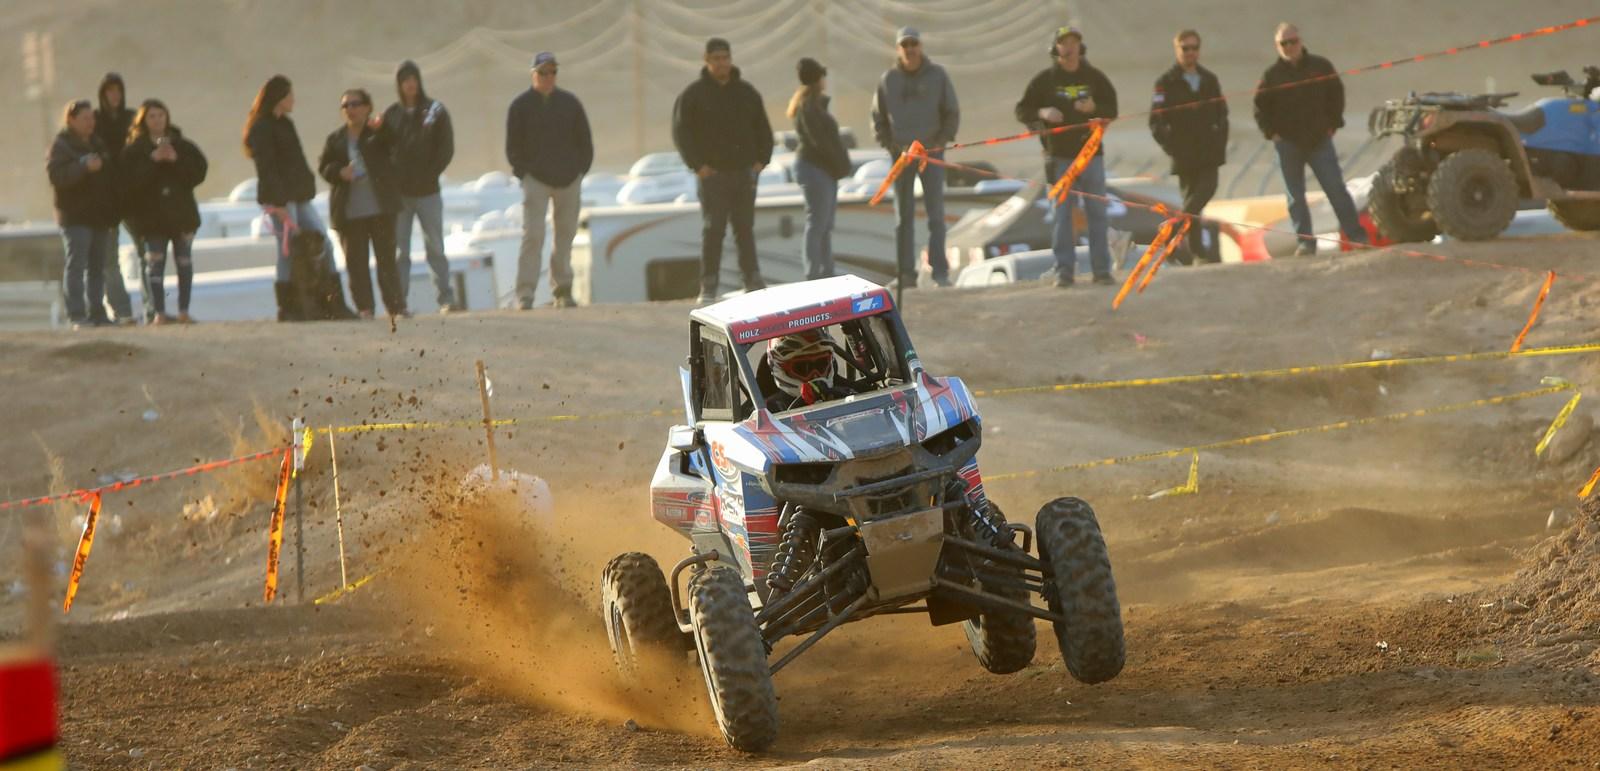 2019-01-beau-baron-rzr-rs1-sxs-worcs-racing